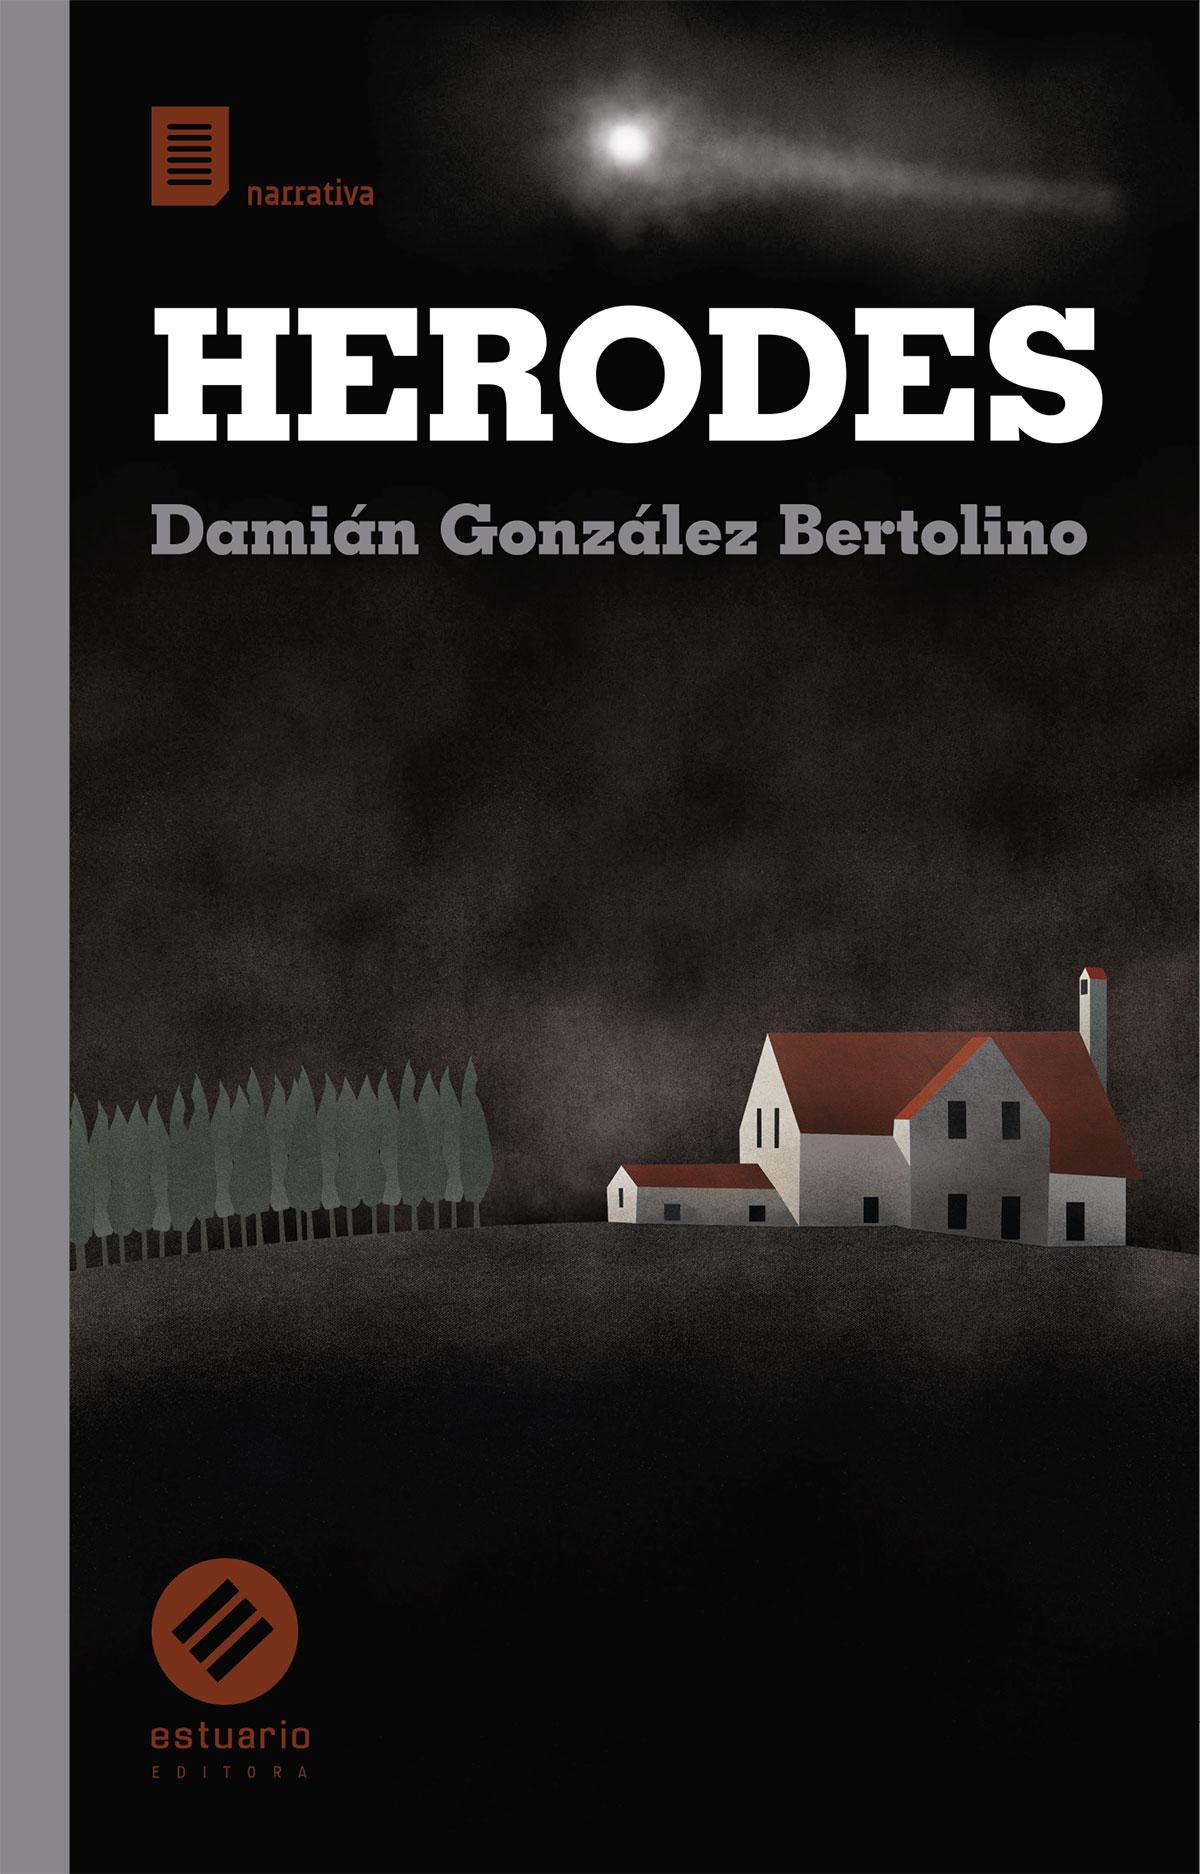 HERODES-tapa-web